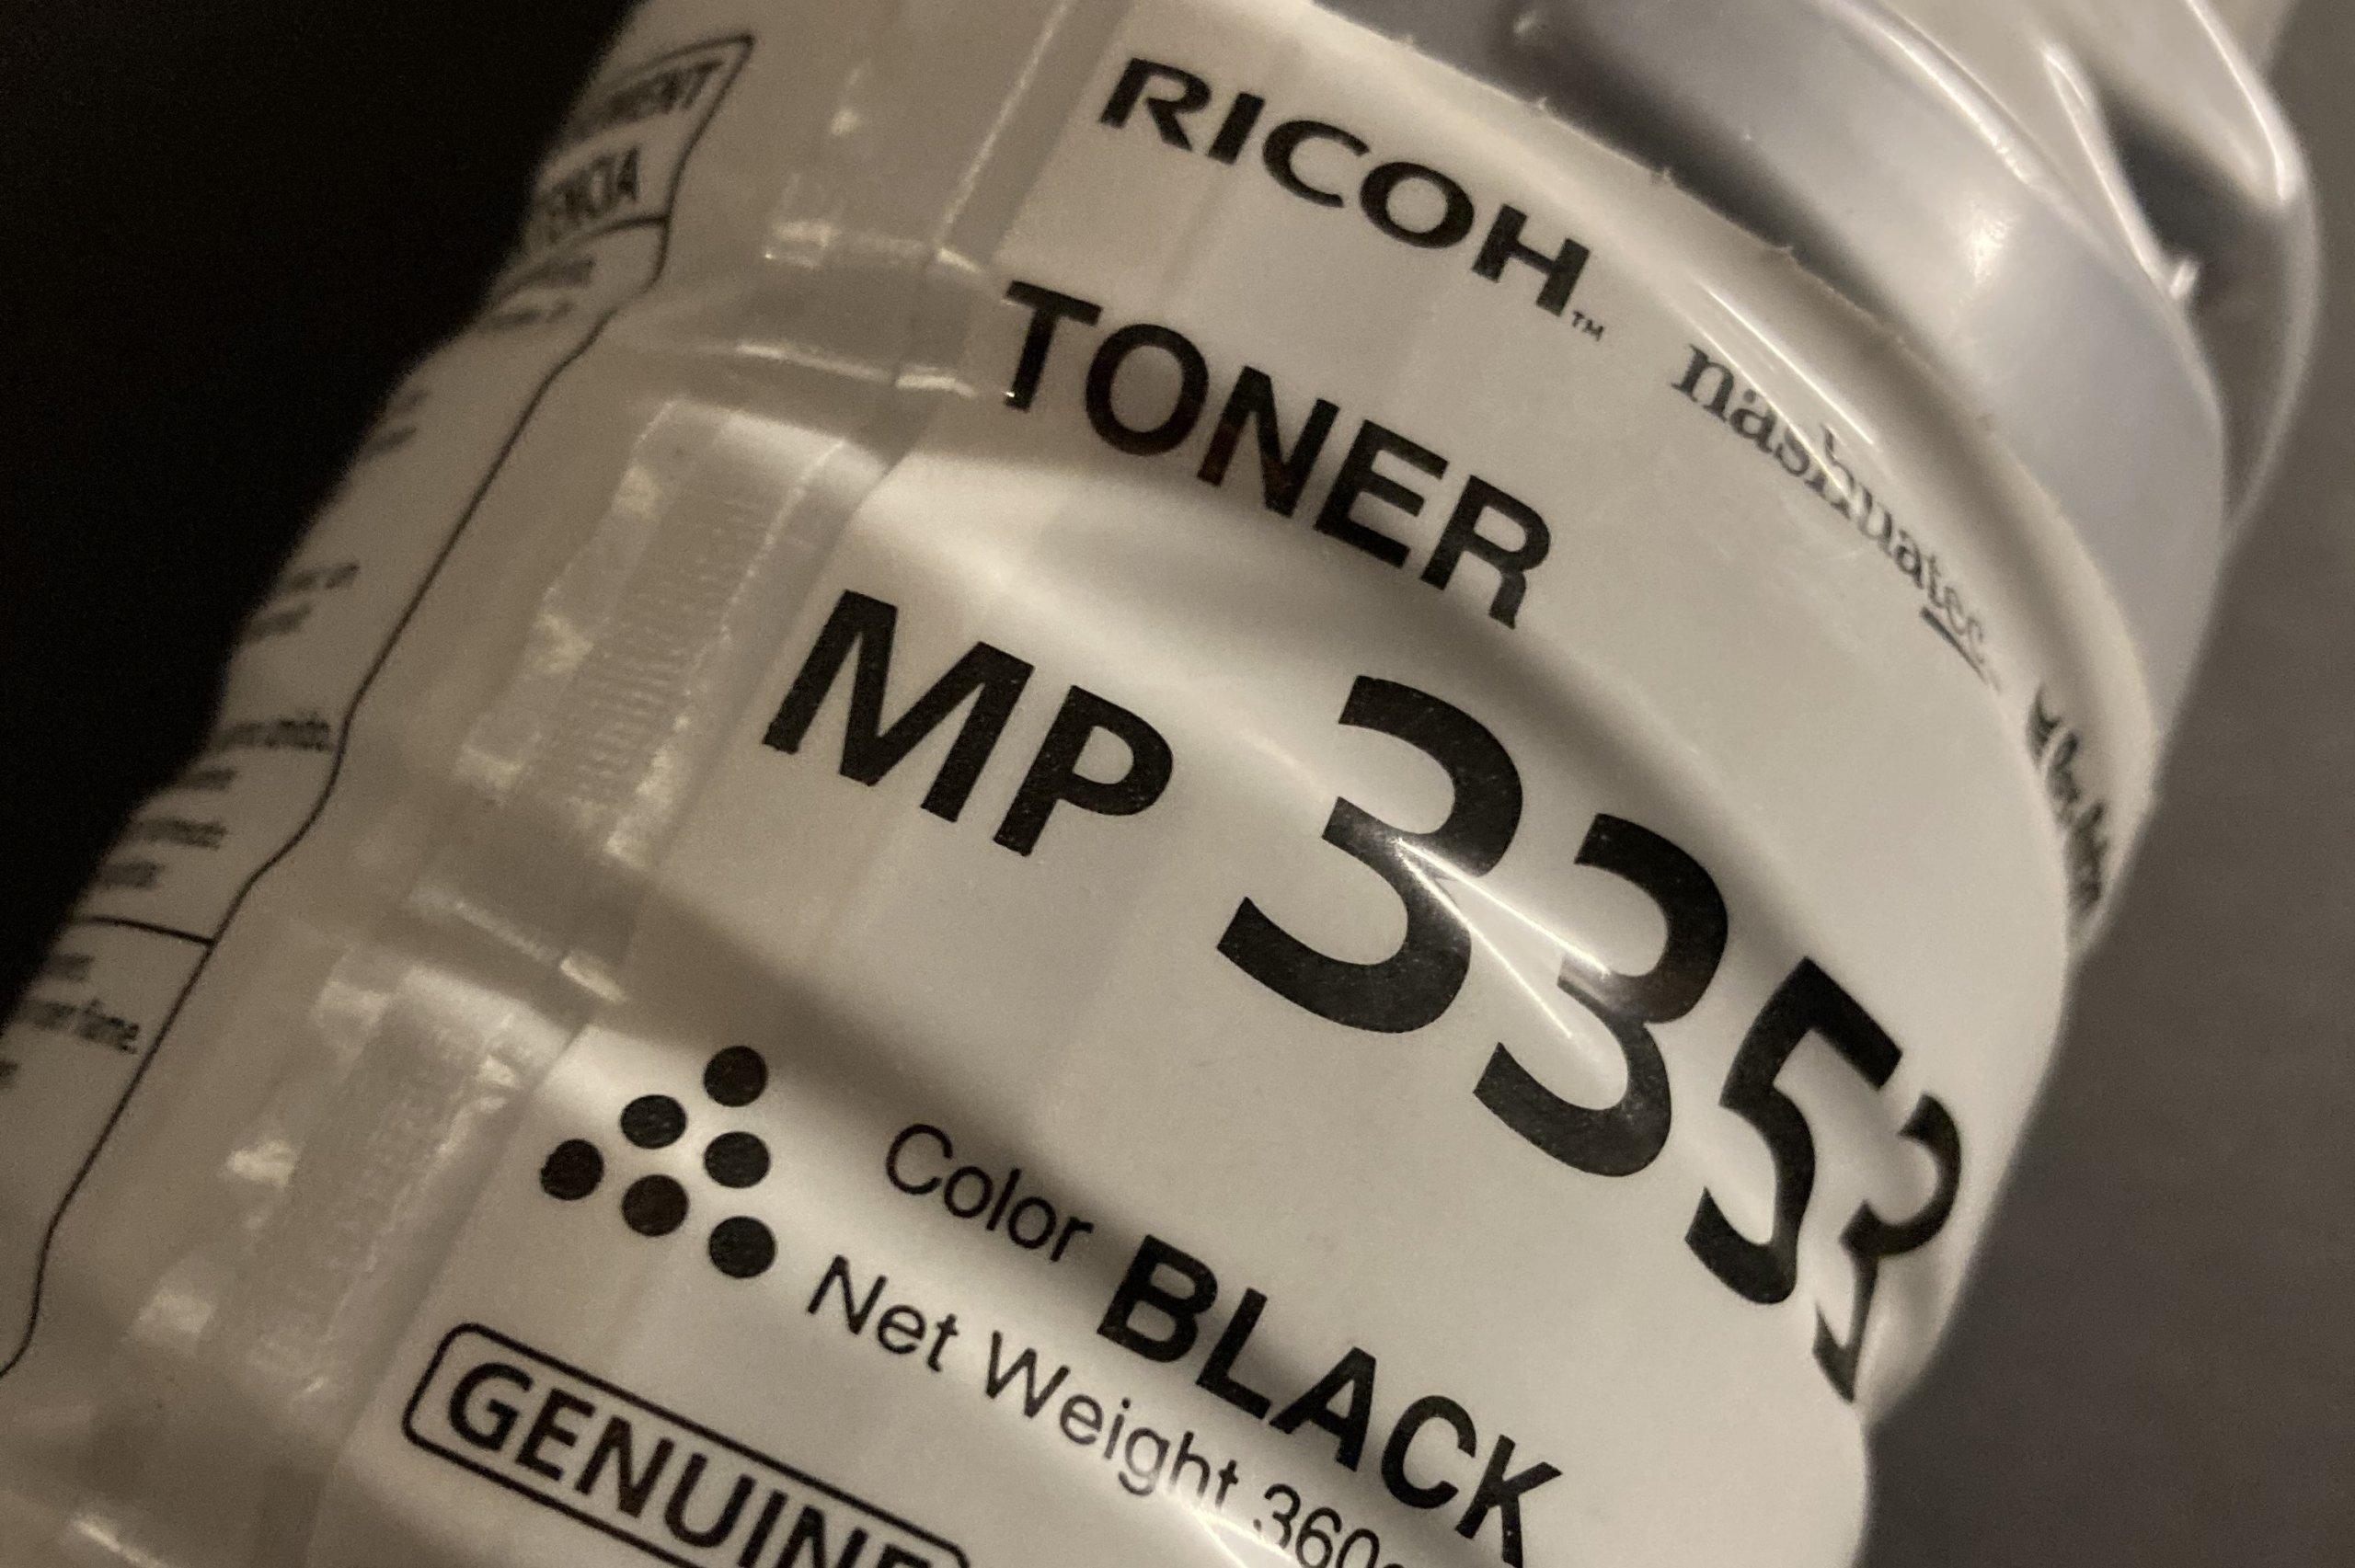 Ricoh Toner